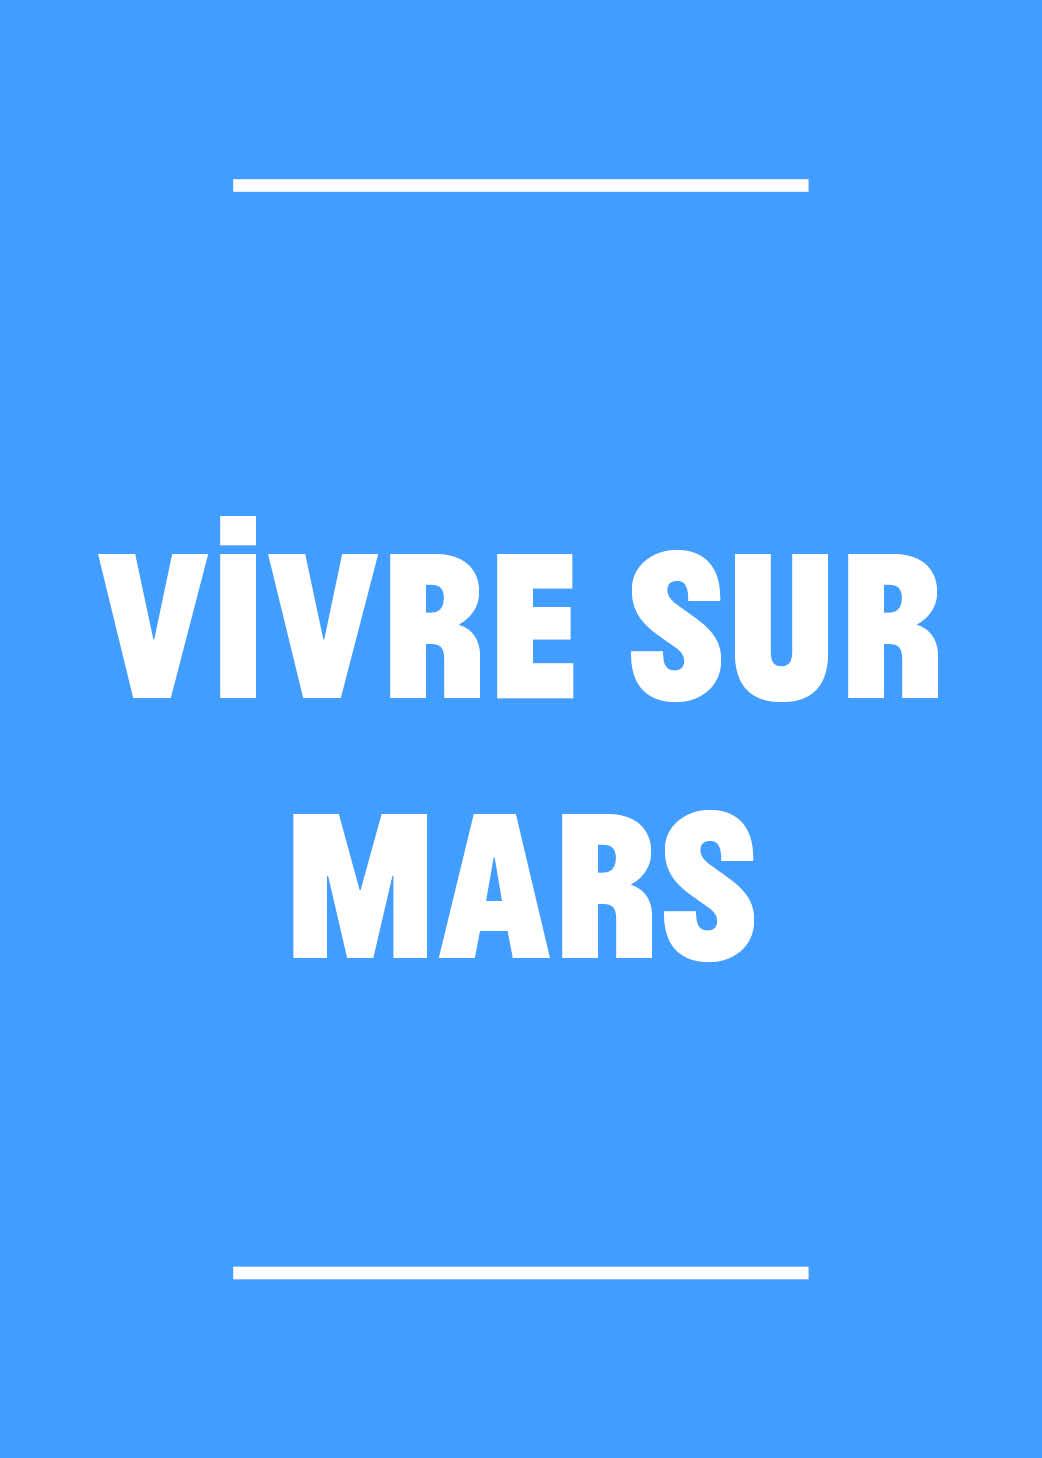 Vivre sur Mars